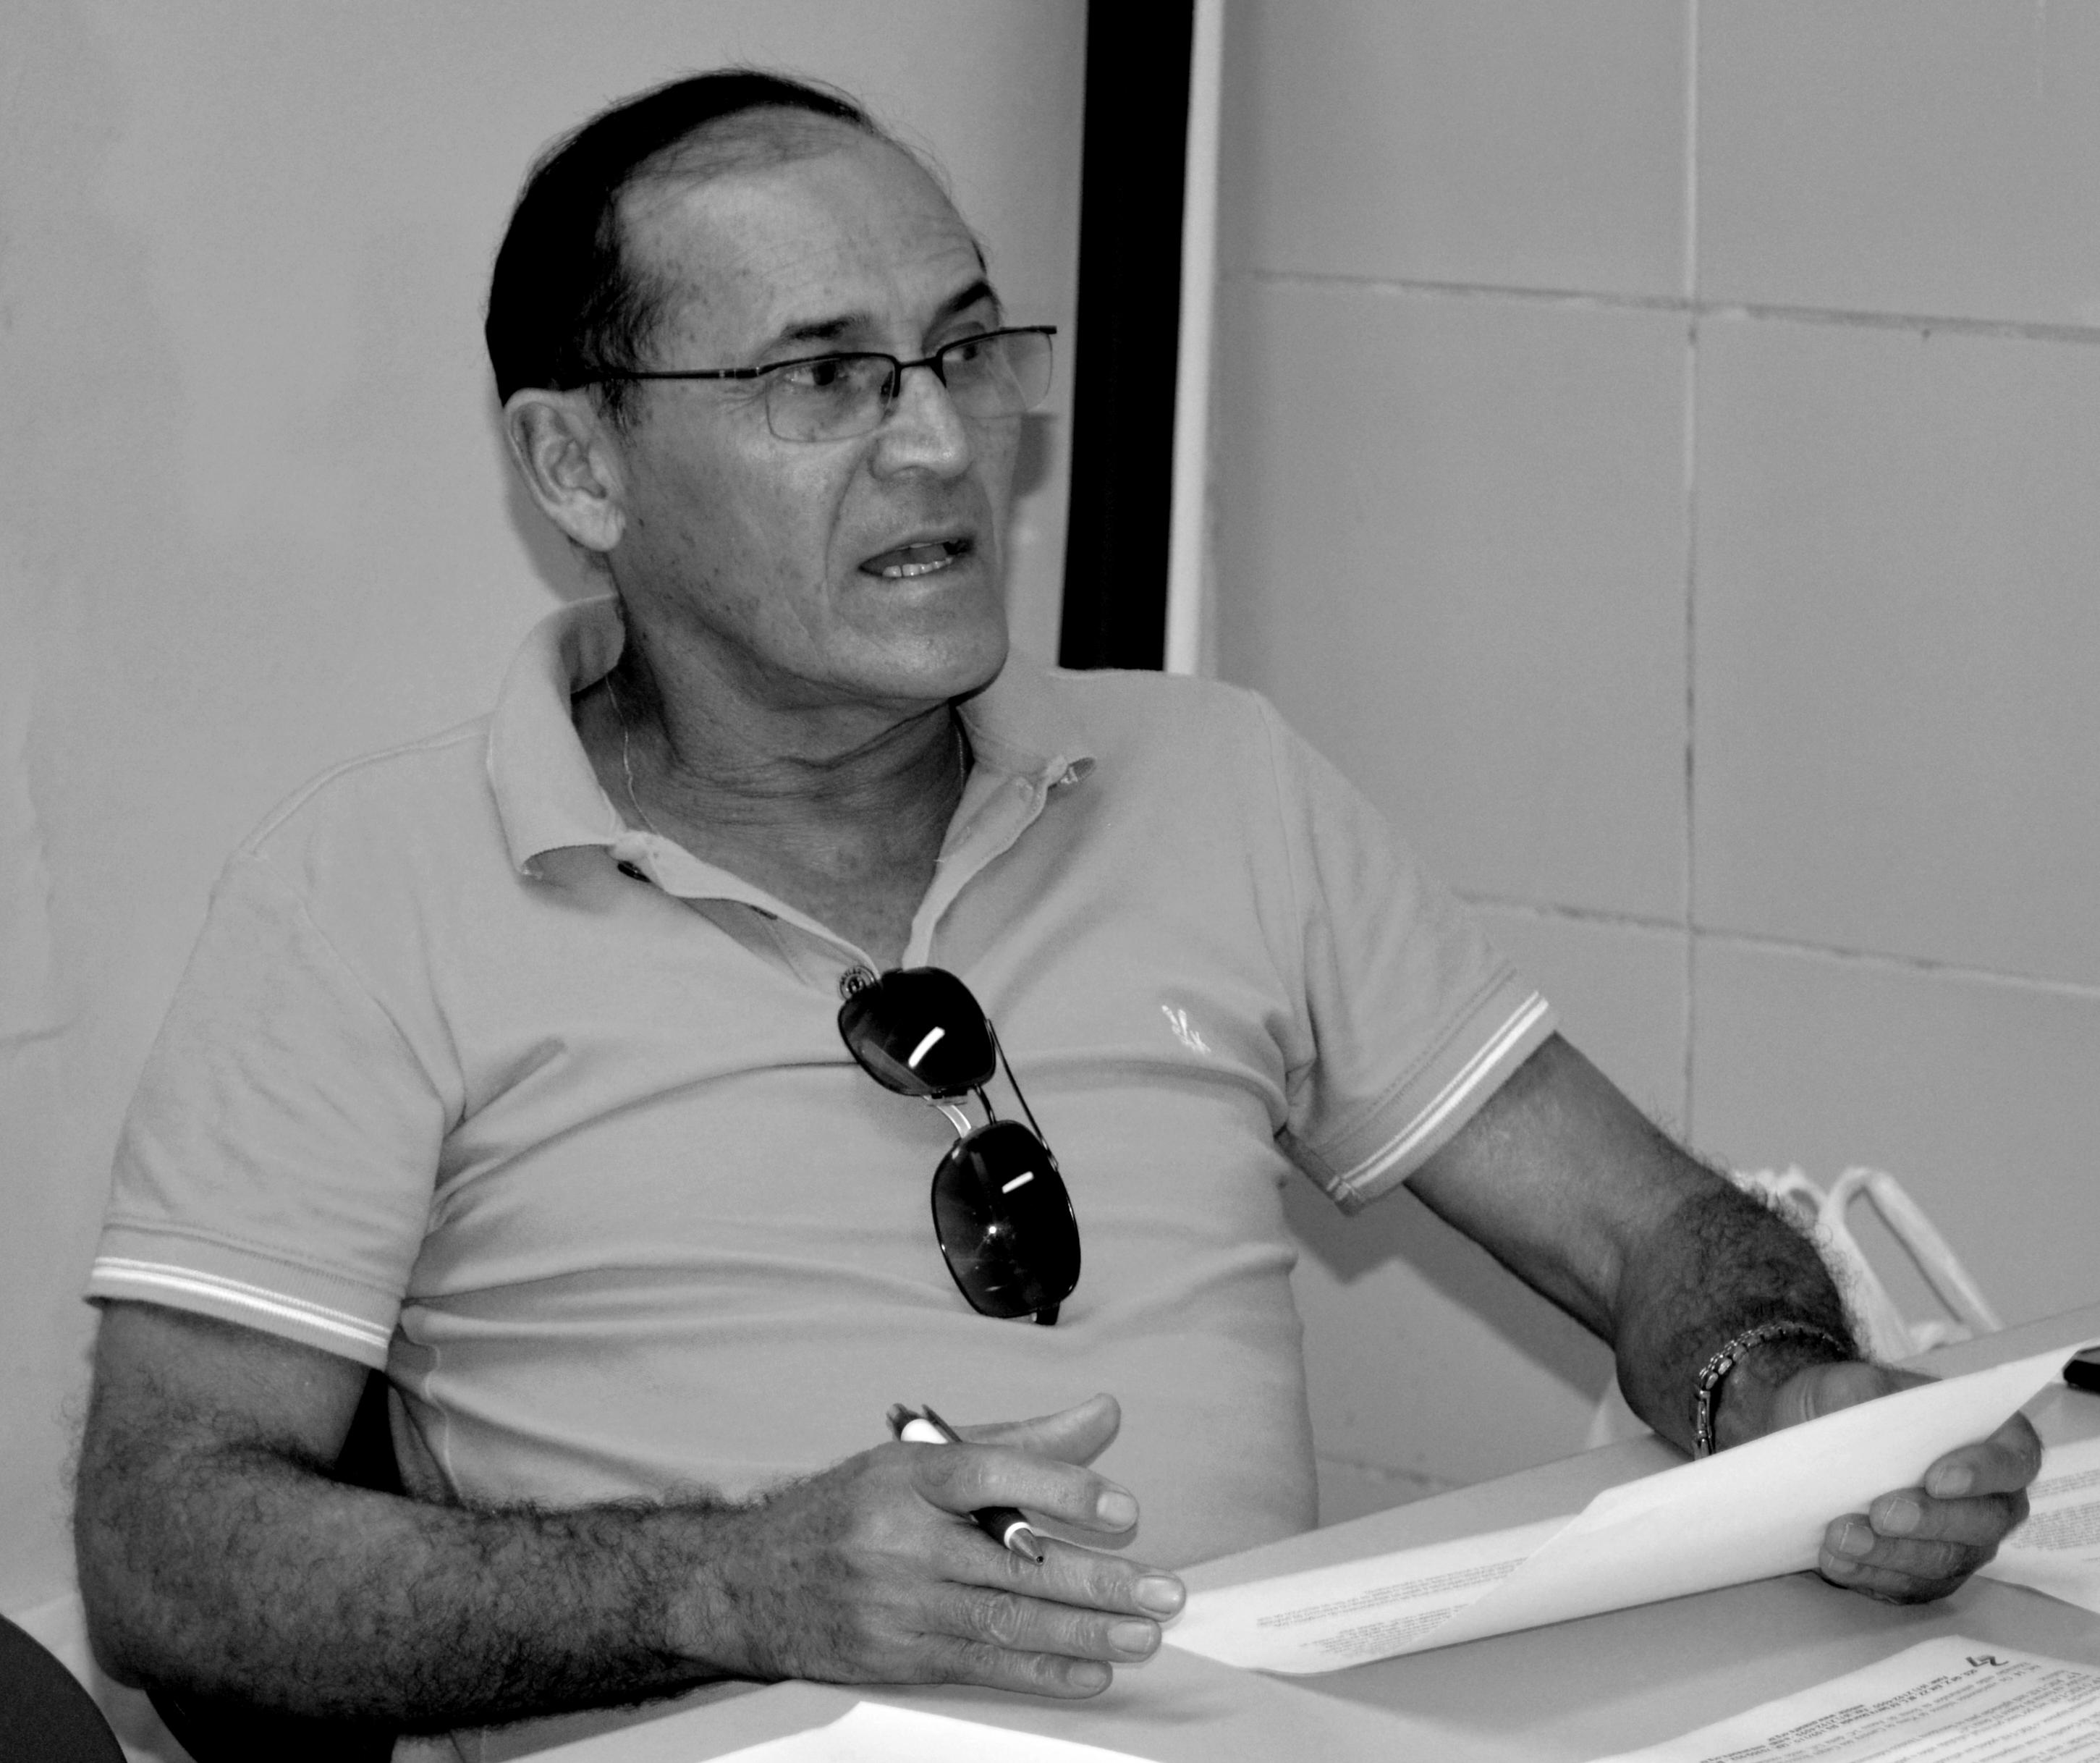 Aurir Marcelino dos Santos